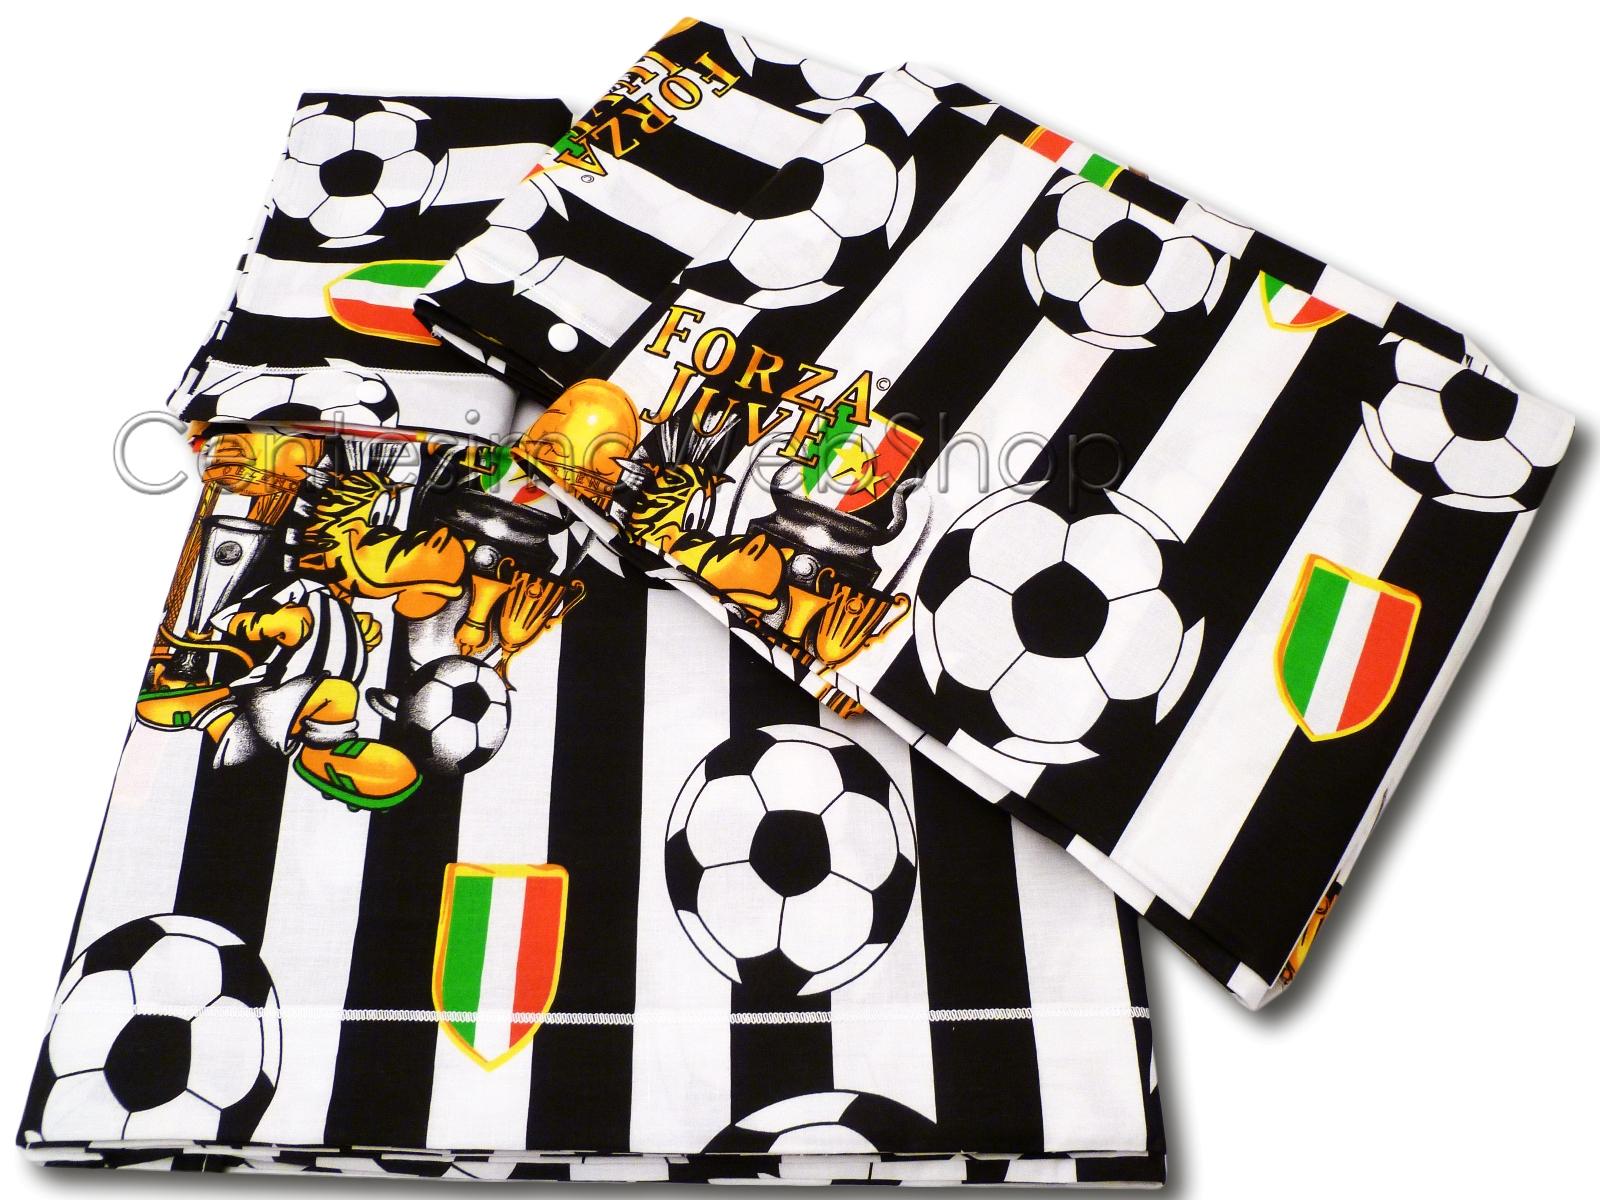 Copripiumino Juventus Singolo.Copripiumino Singolo Calcio Bianco Nero Juve Una Piazza Idea